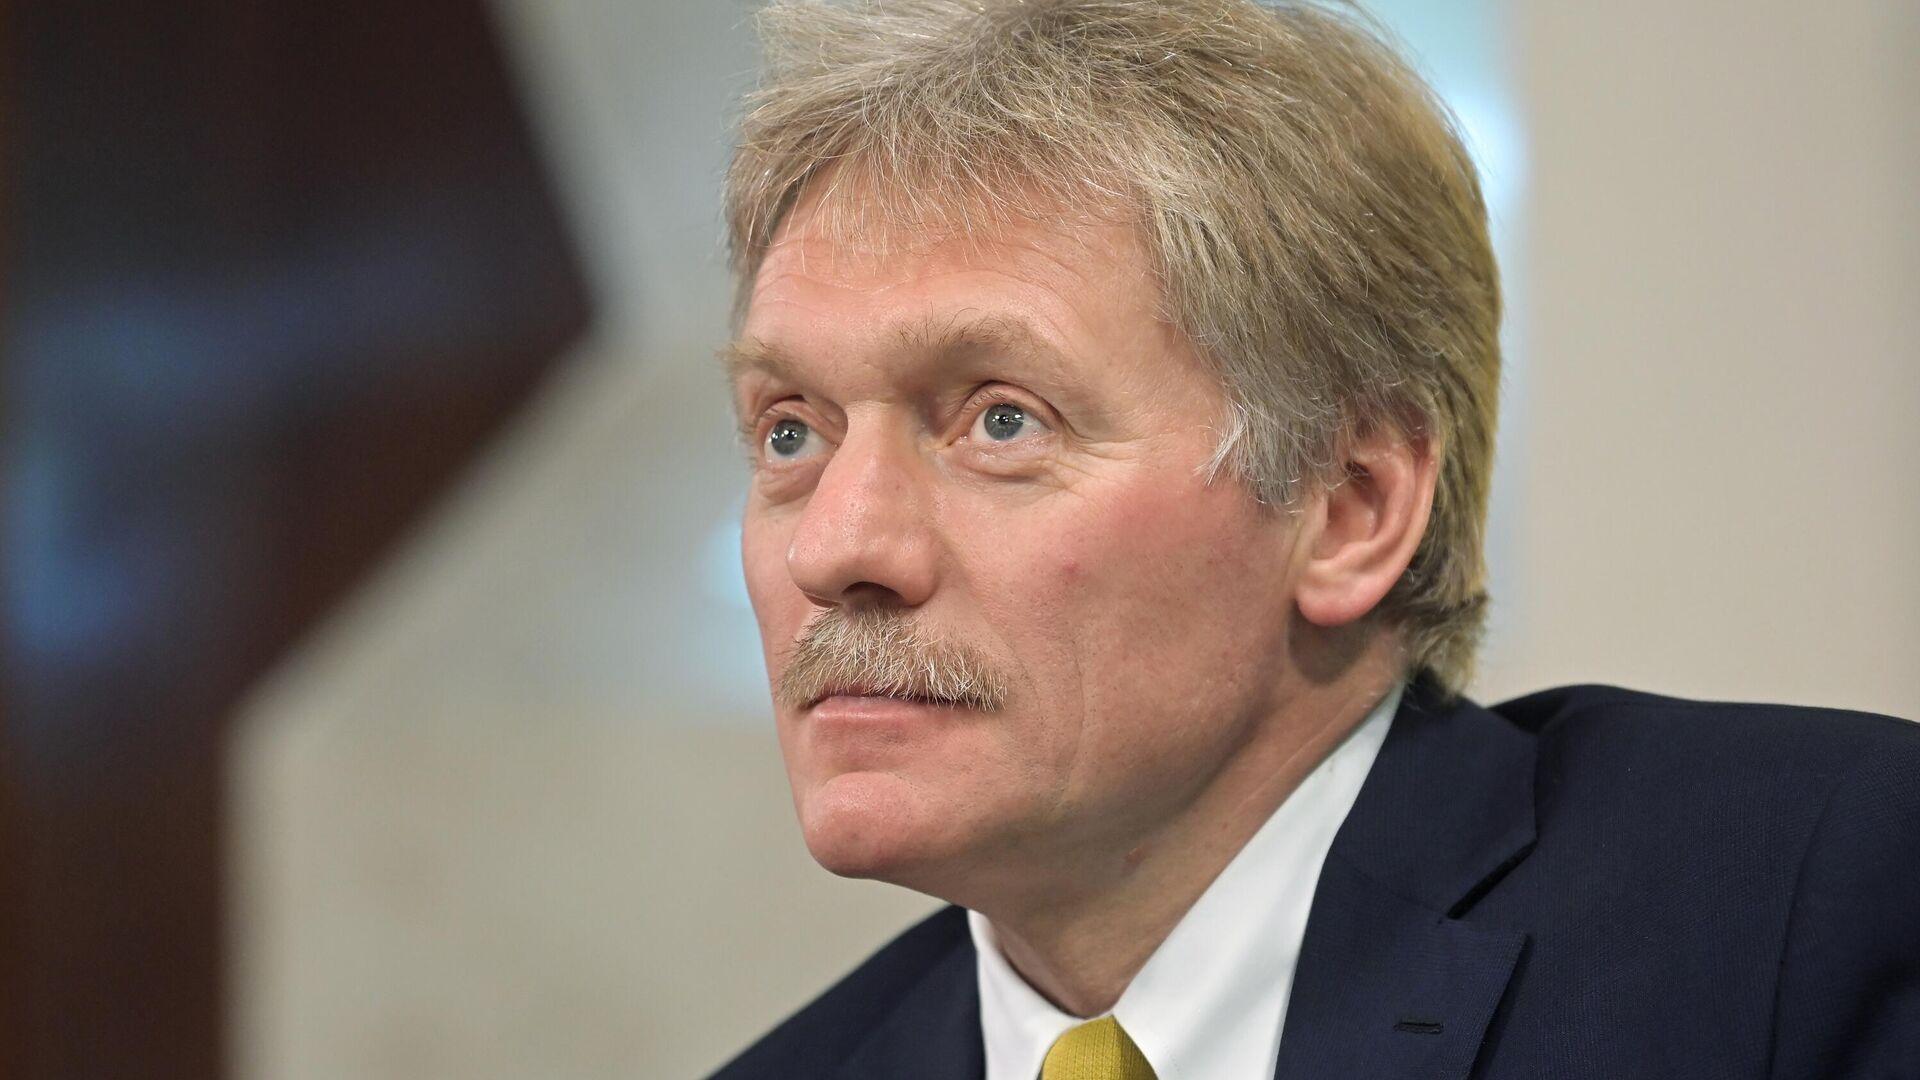 Путин затронет тему Афганистана во время выступления на ВЭФ, заявил Песков